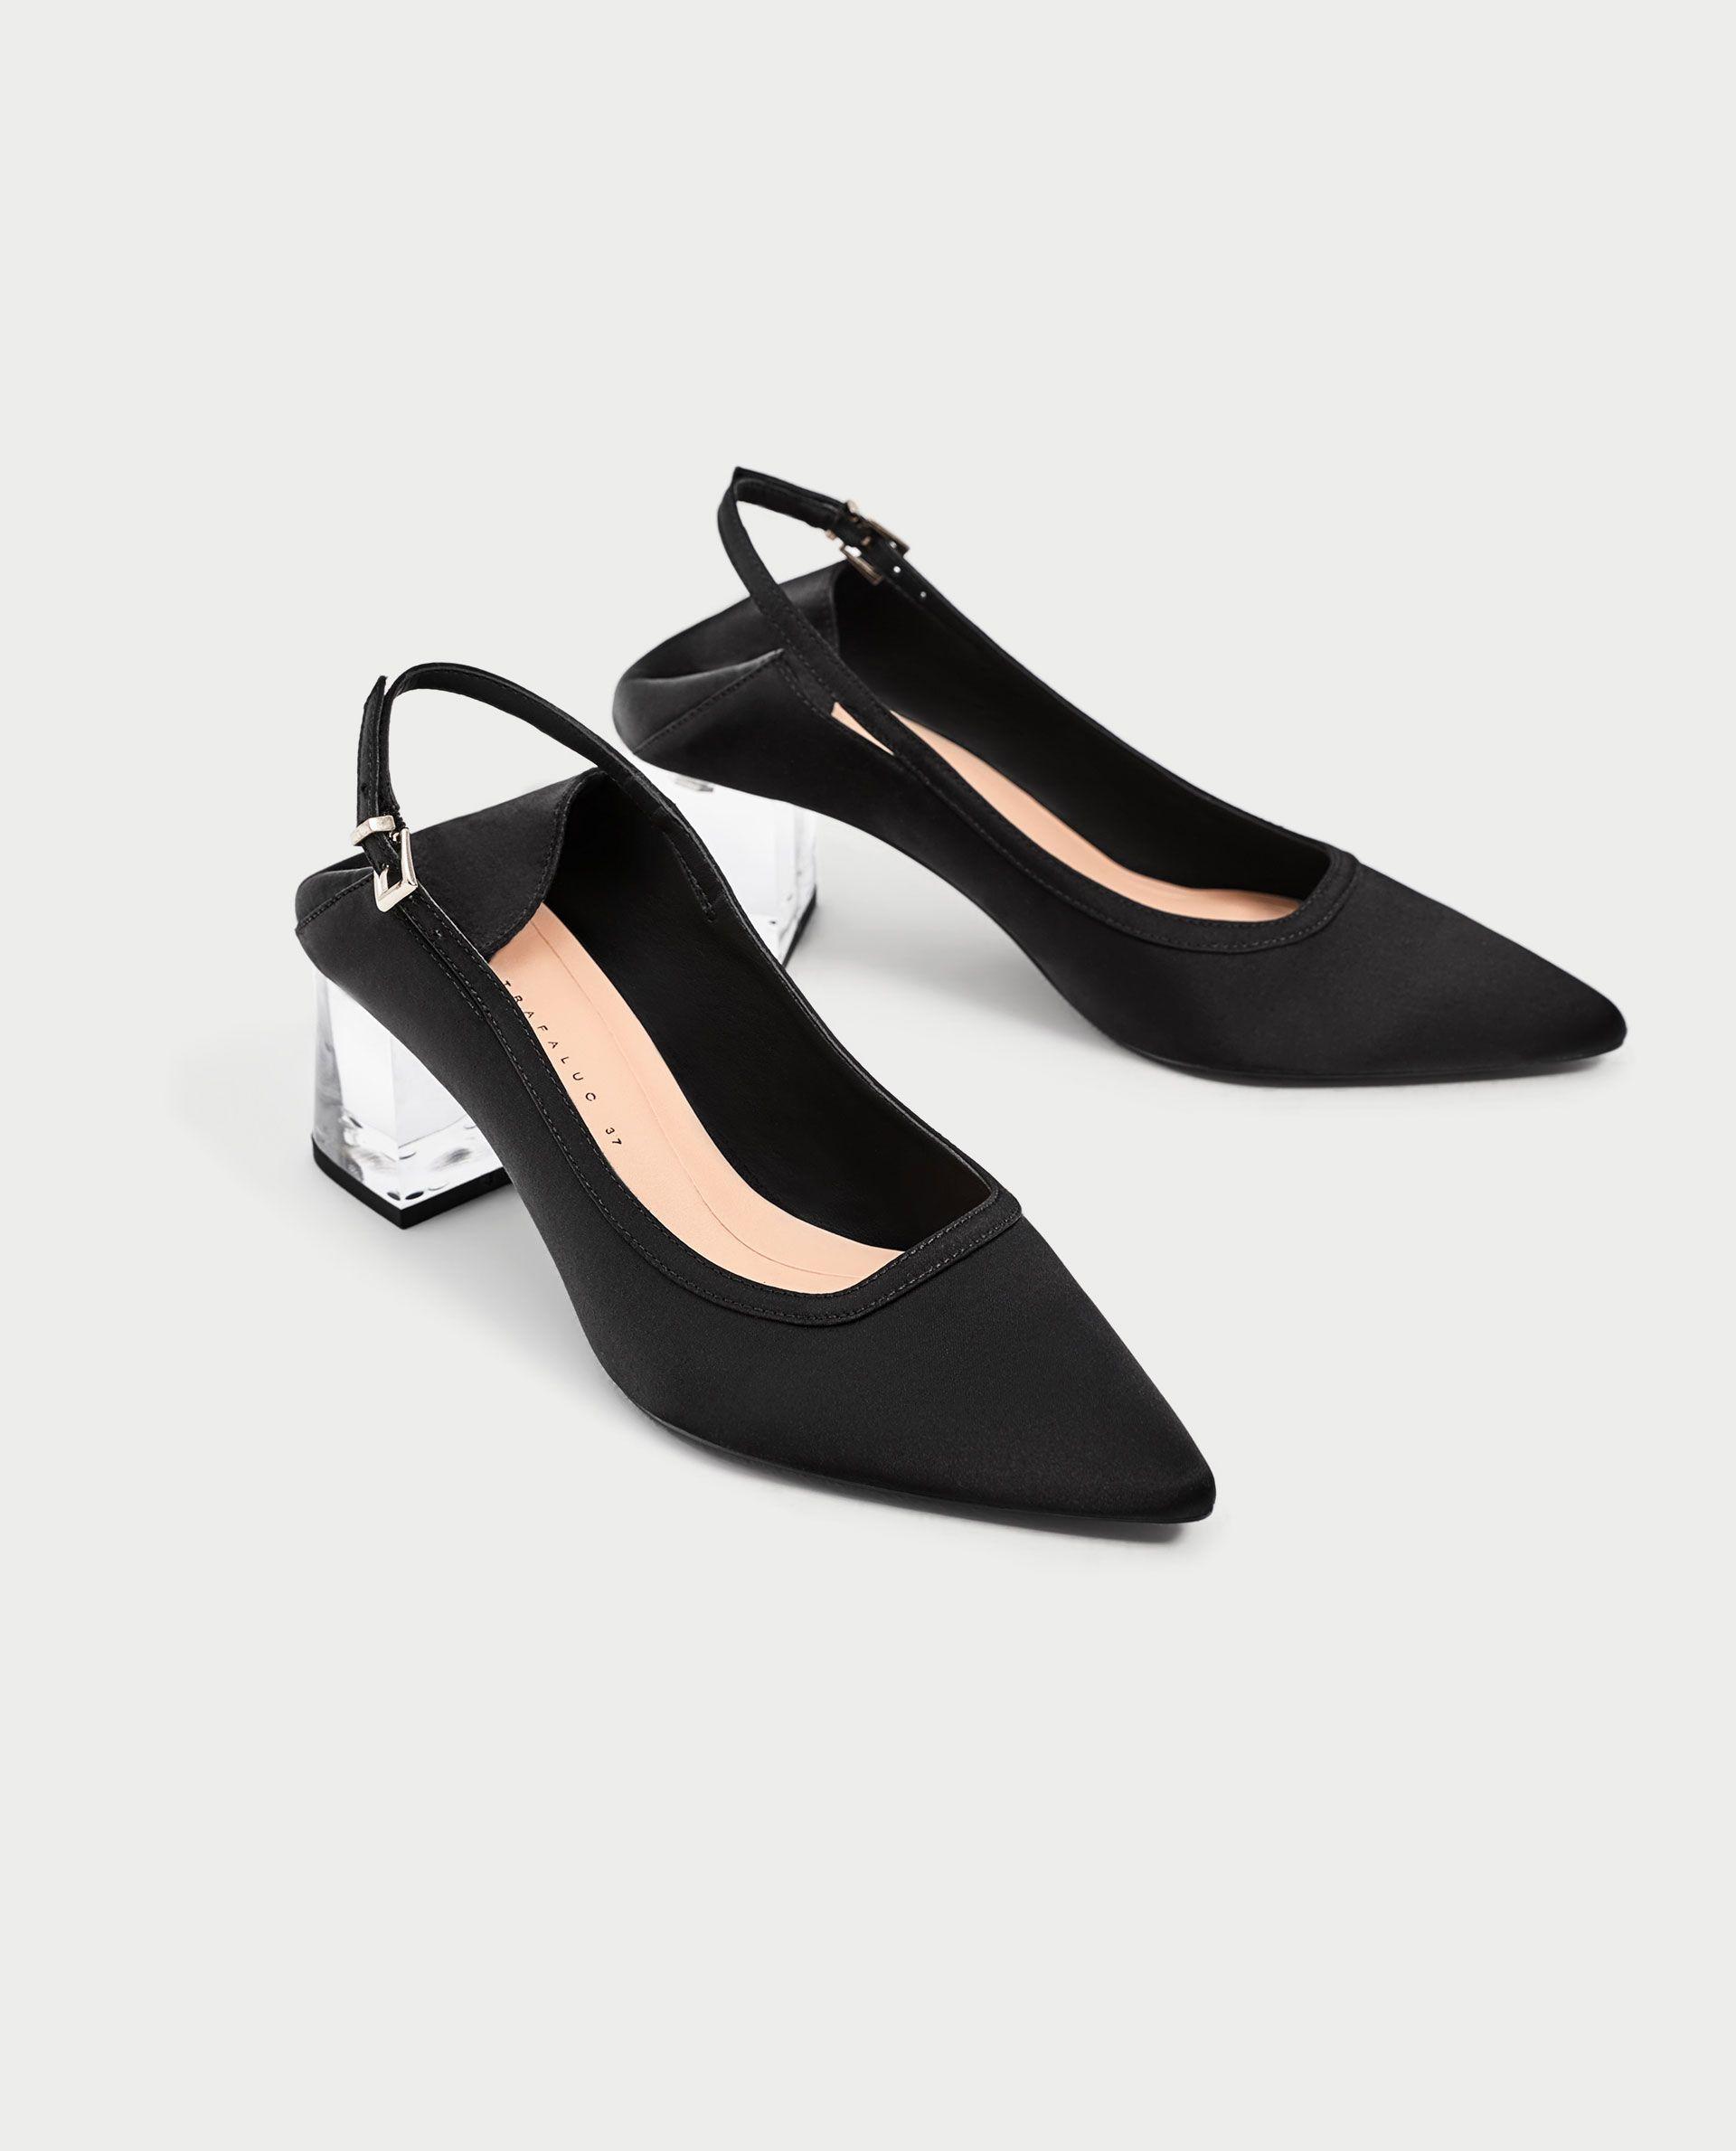 dad83440 Zapatos destalonados con tacón de metacrilato, de Zara (de euros a euros).